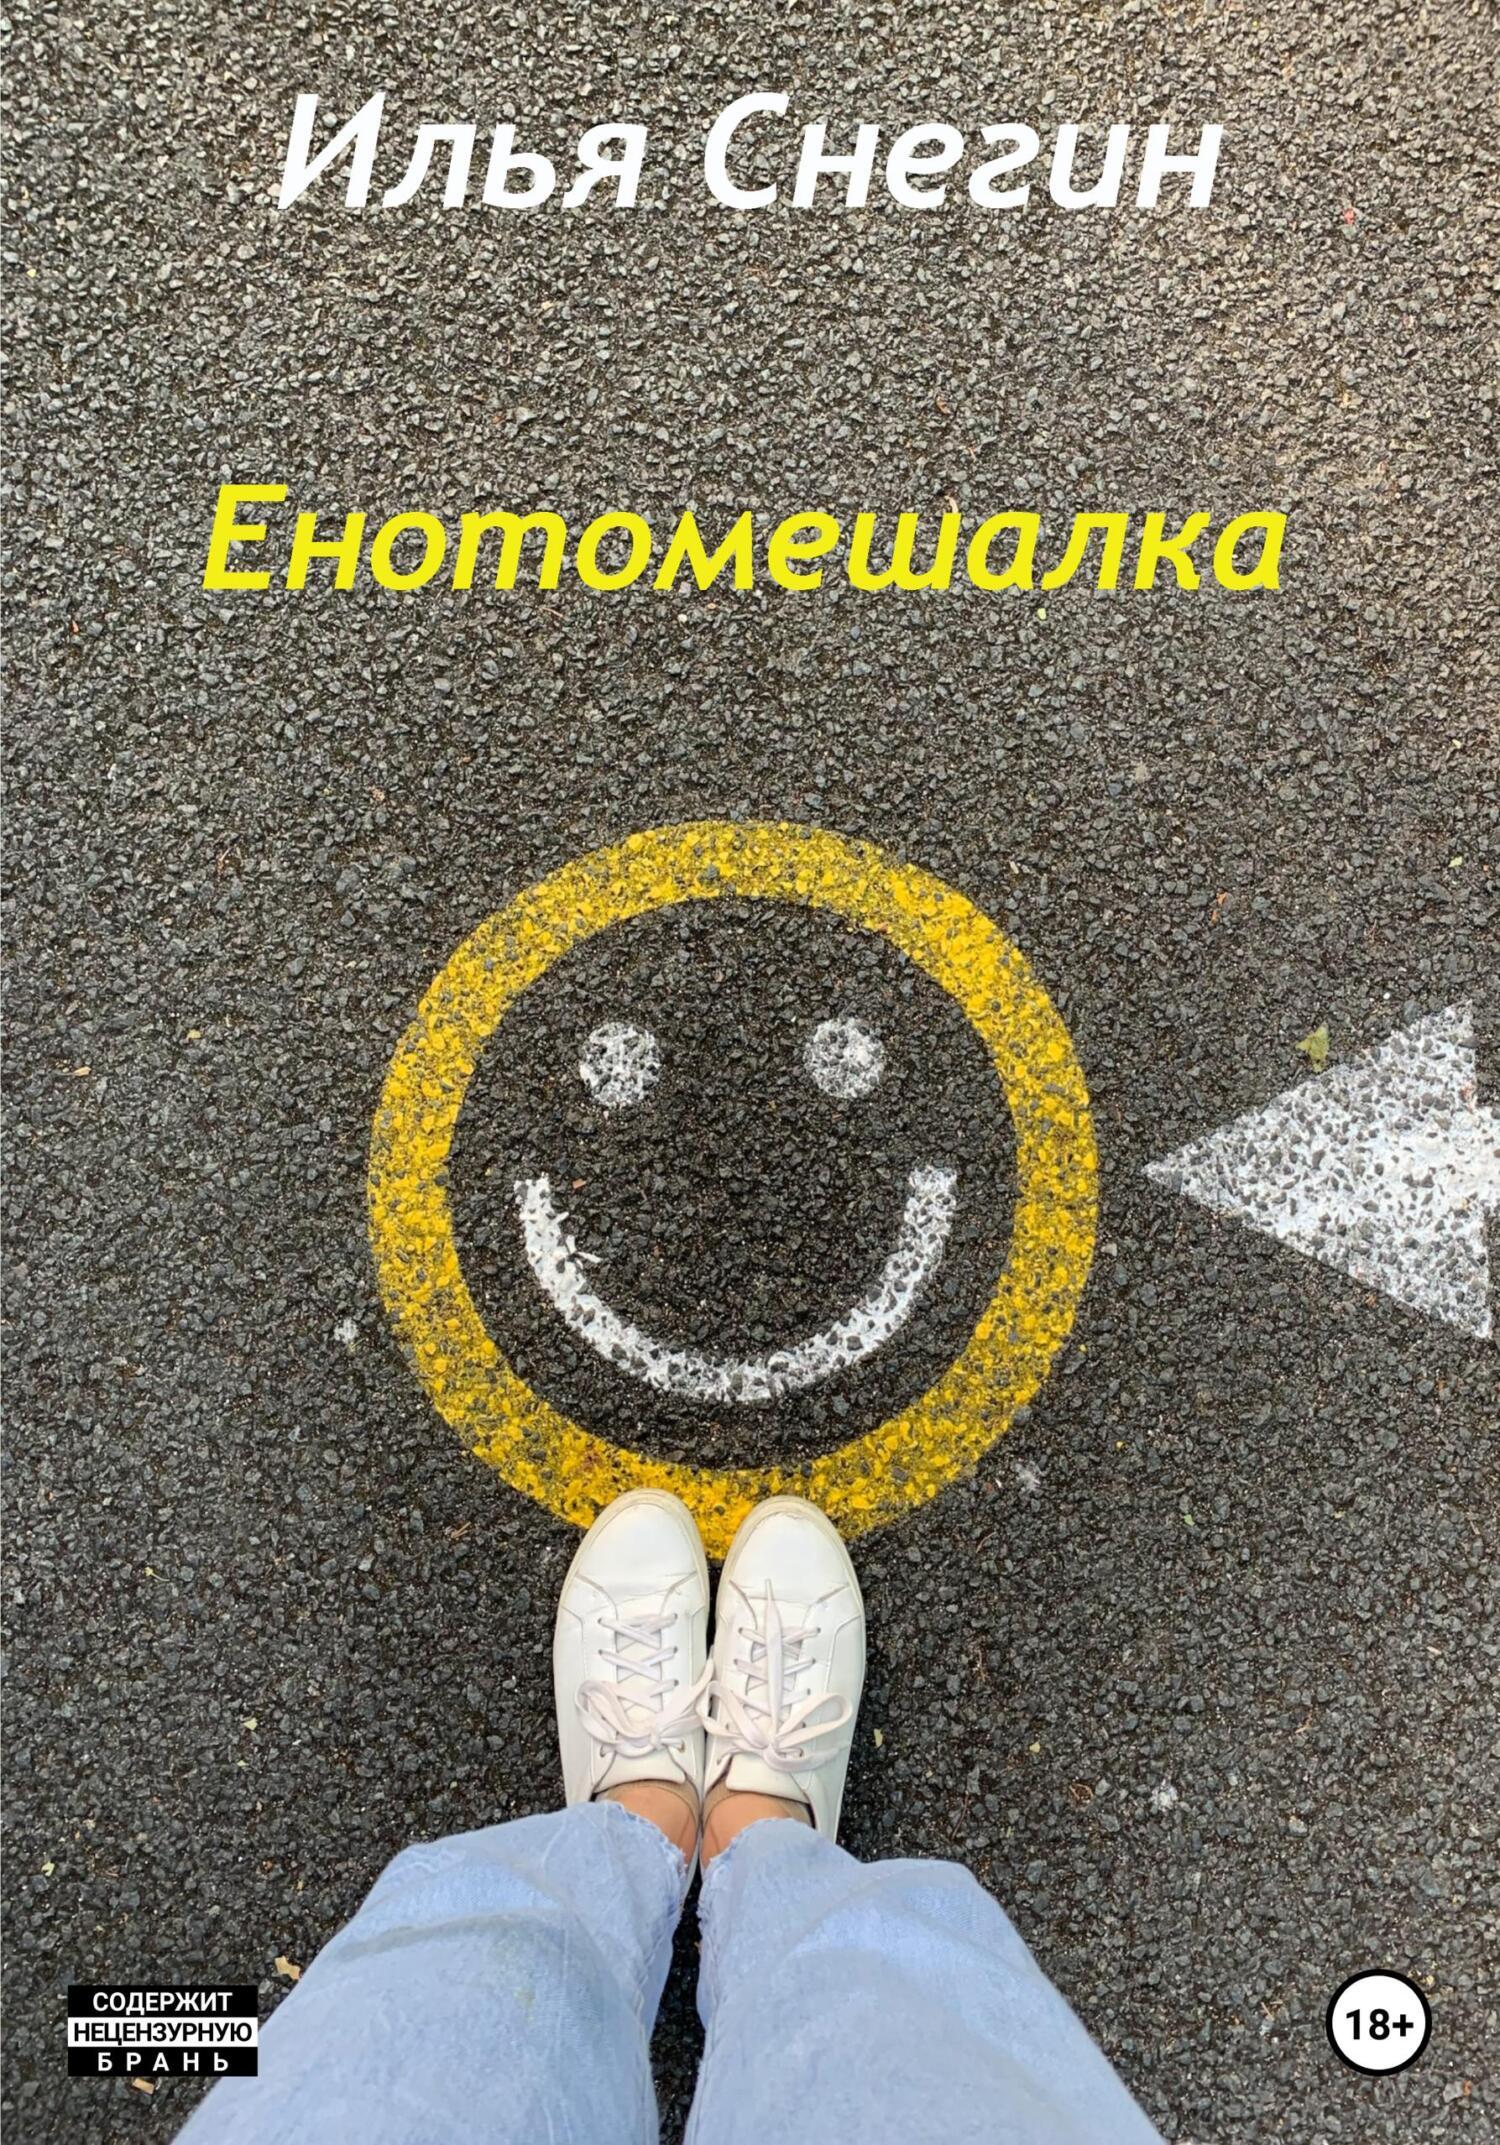 Енотомешалка